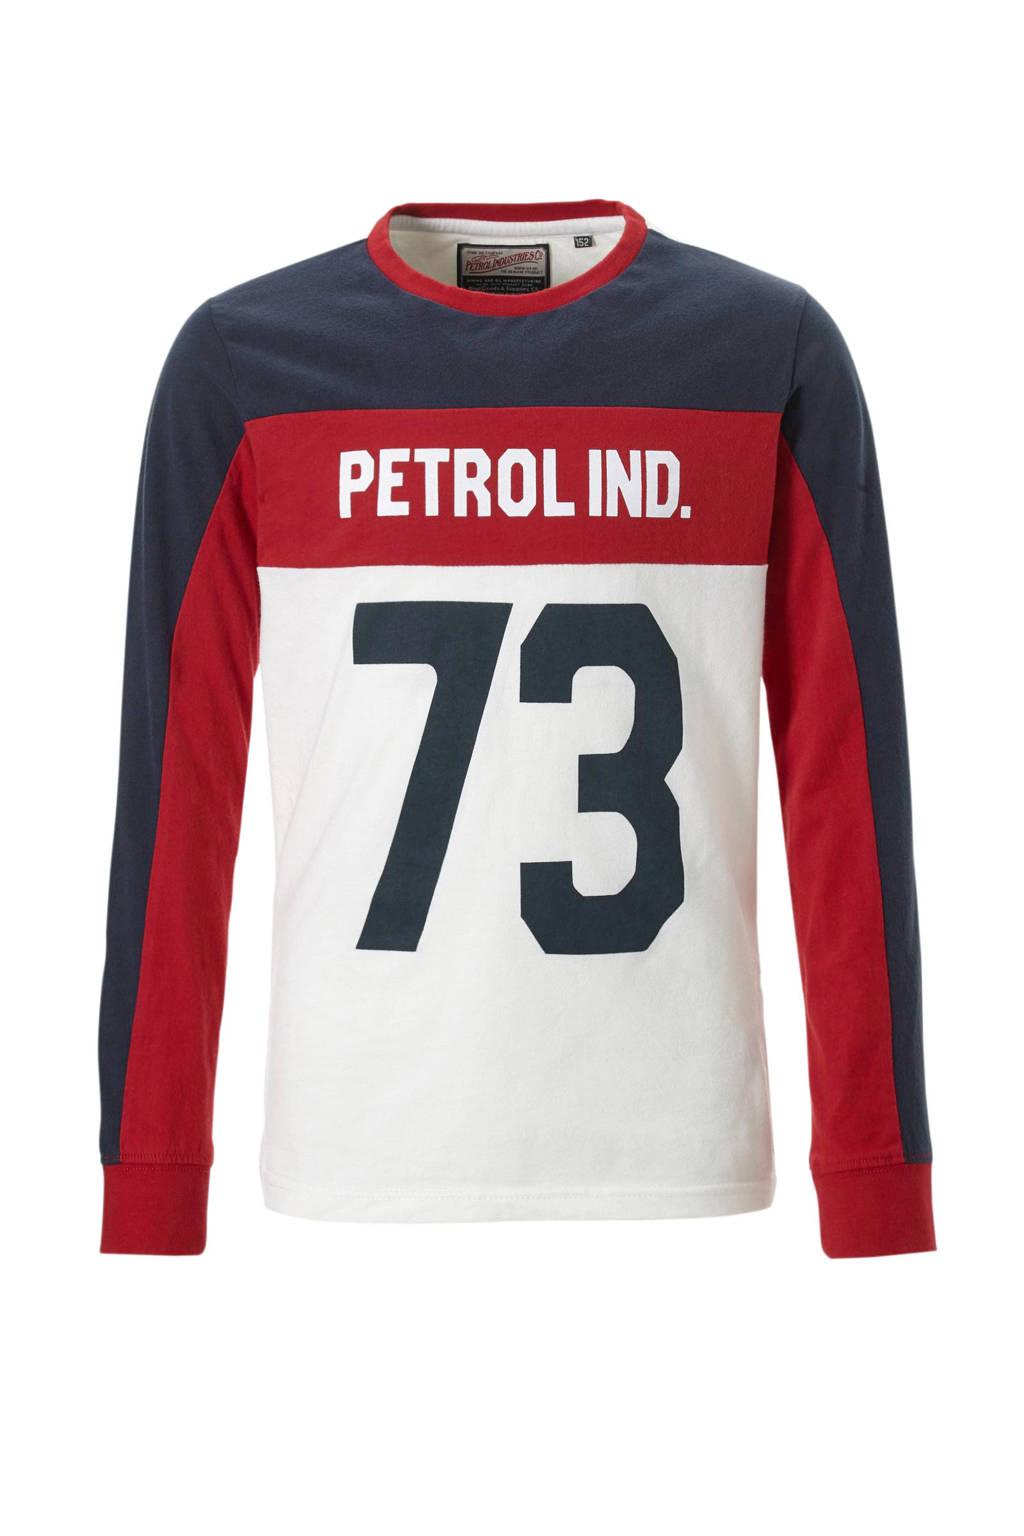 Petrol Industries longsleeve met tekst wit, wit/rood/donkerblauw